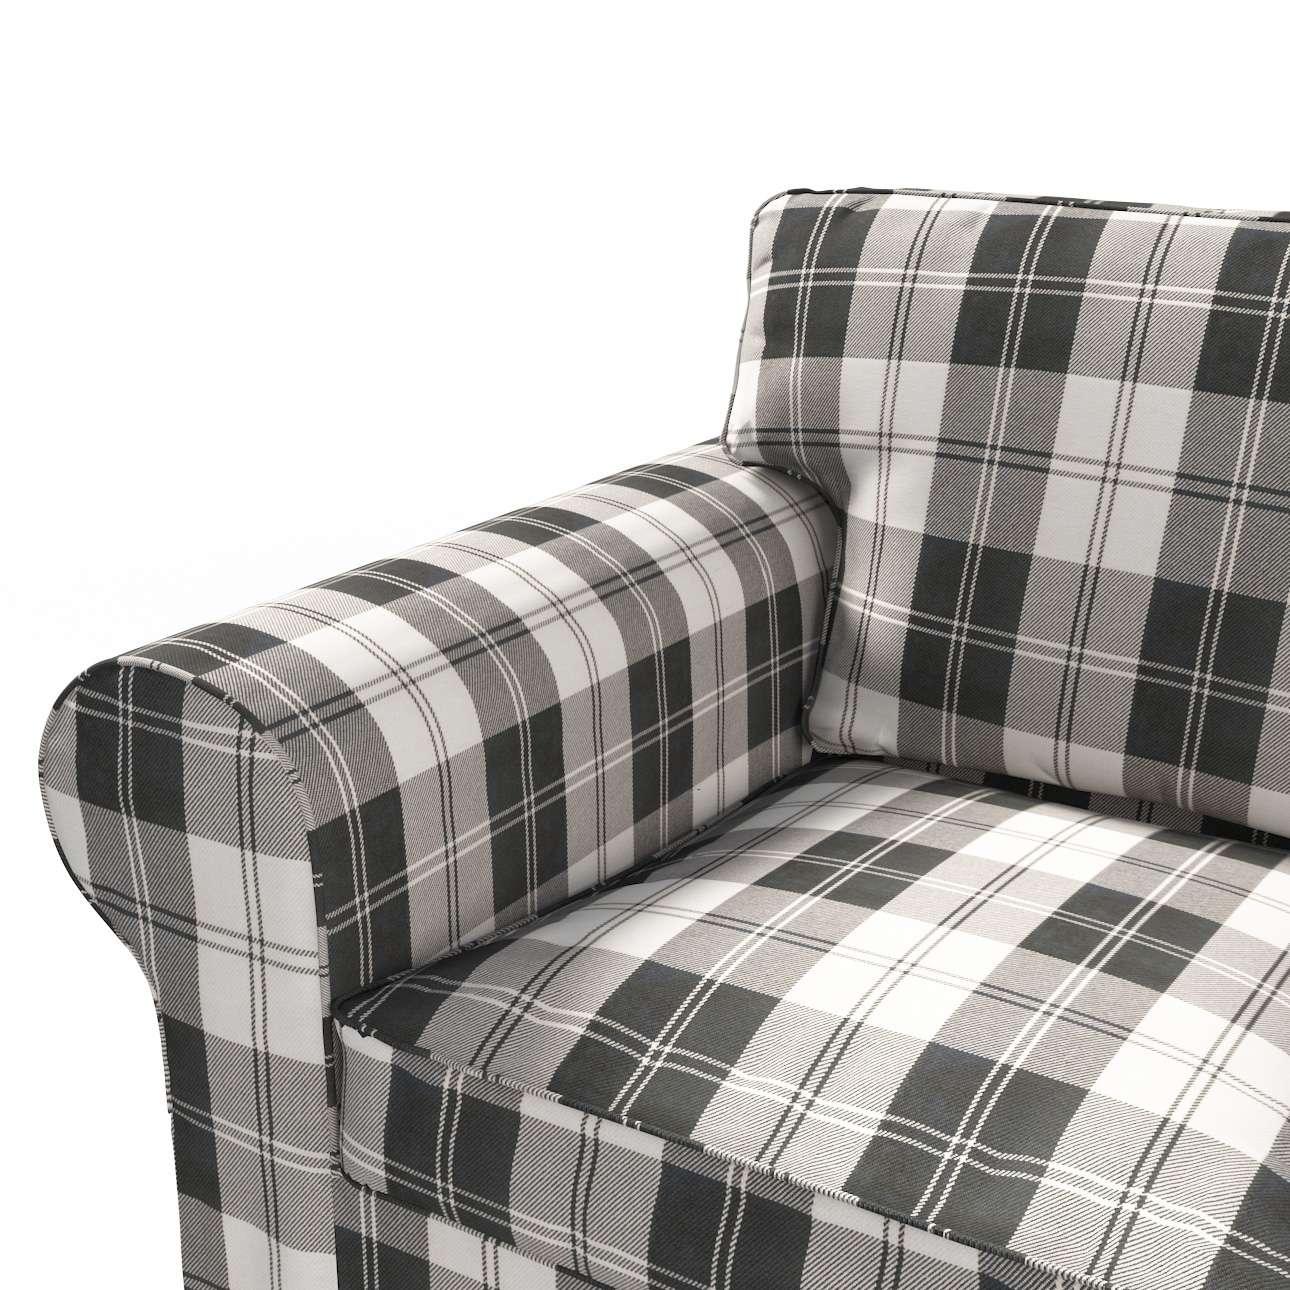 Pokrowiec na sofę Ektorp 2-osobową, rozkładaną STARY MODEL Sofa Ektorp 2-osobowa rozkładana w kolekcji Edinburgh, tkanina: 115-74